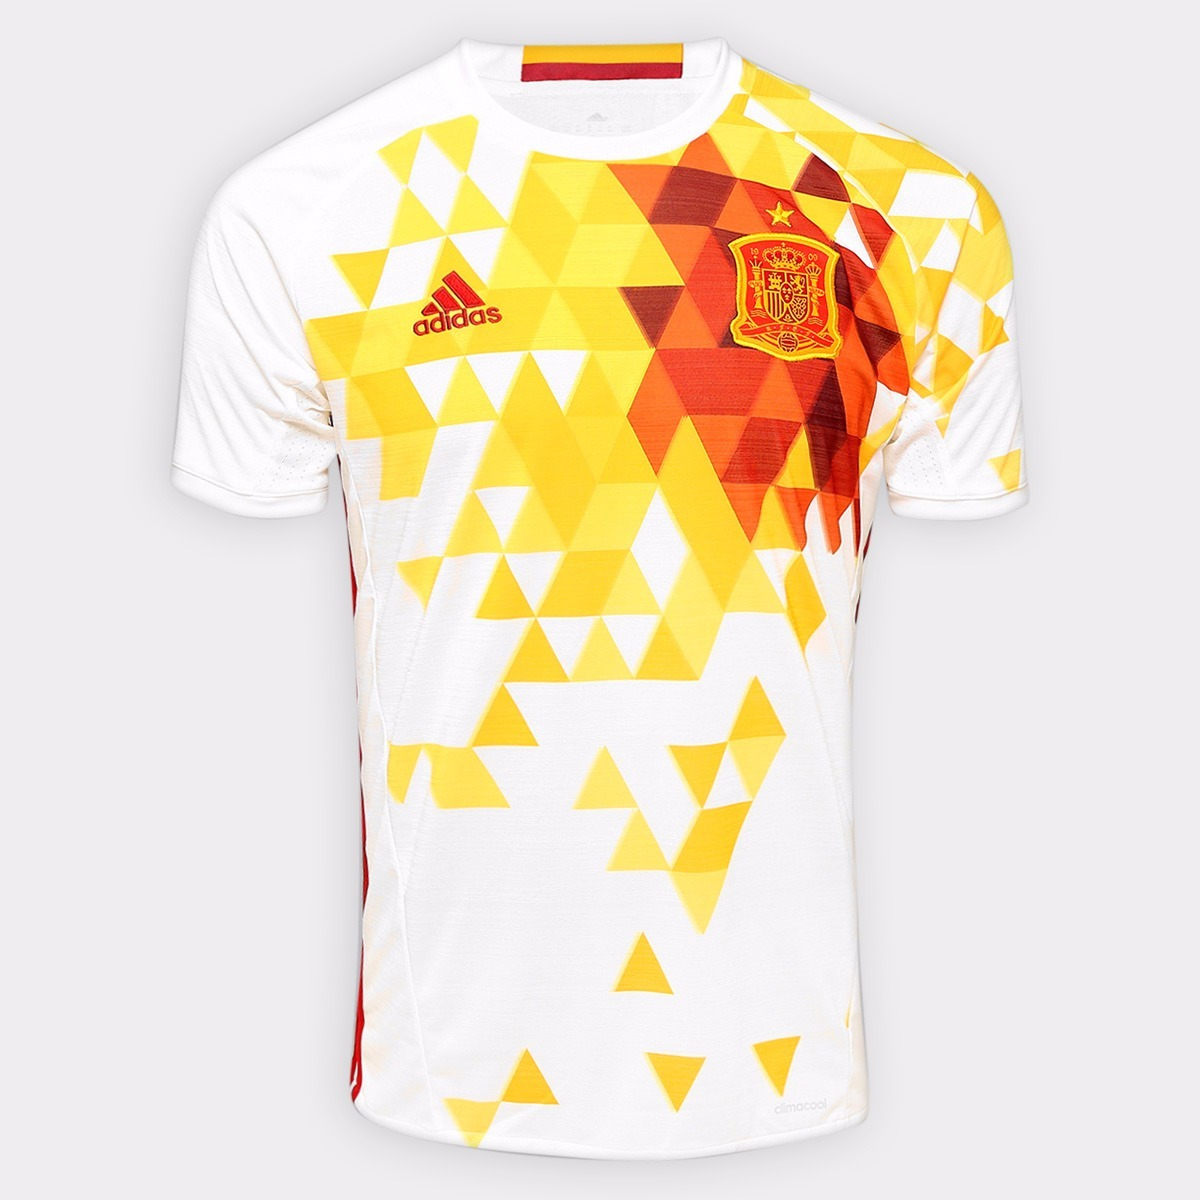 camisa adidas seleção espanha away 2016 - pronta entrega! Carregando zoom. 8dffcdeb28f1e